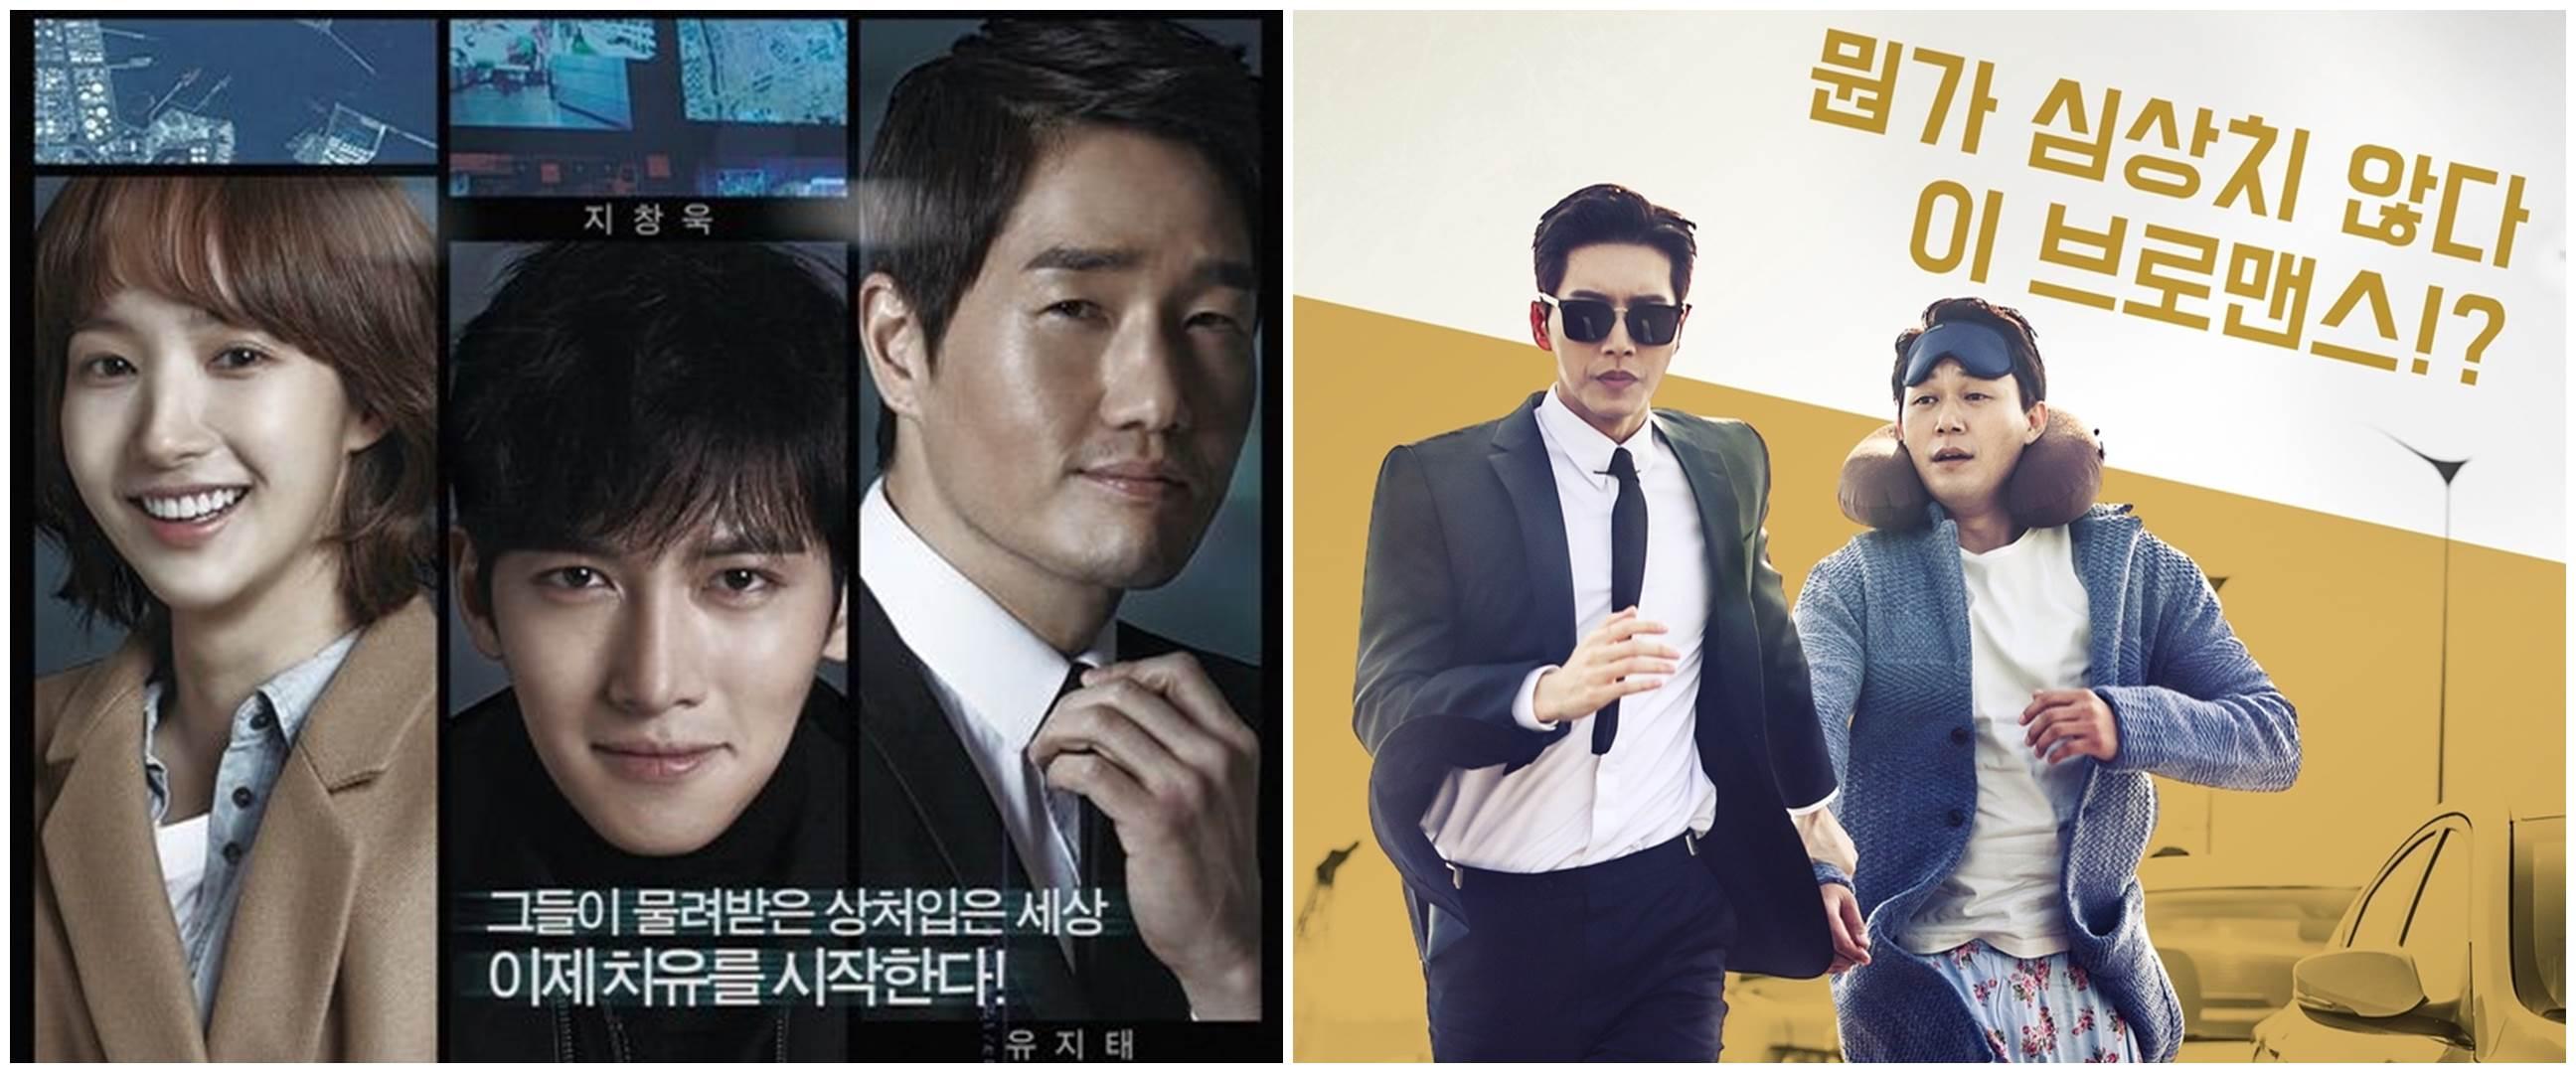 14 Drama Korea action komedi terbaik, menarik ditonton ulang